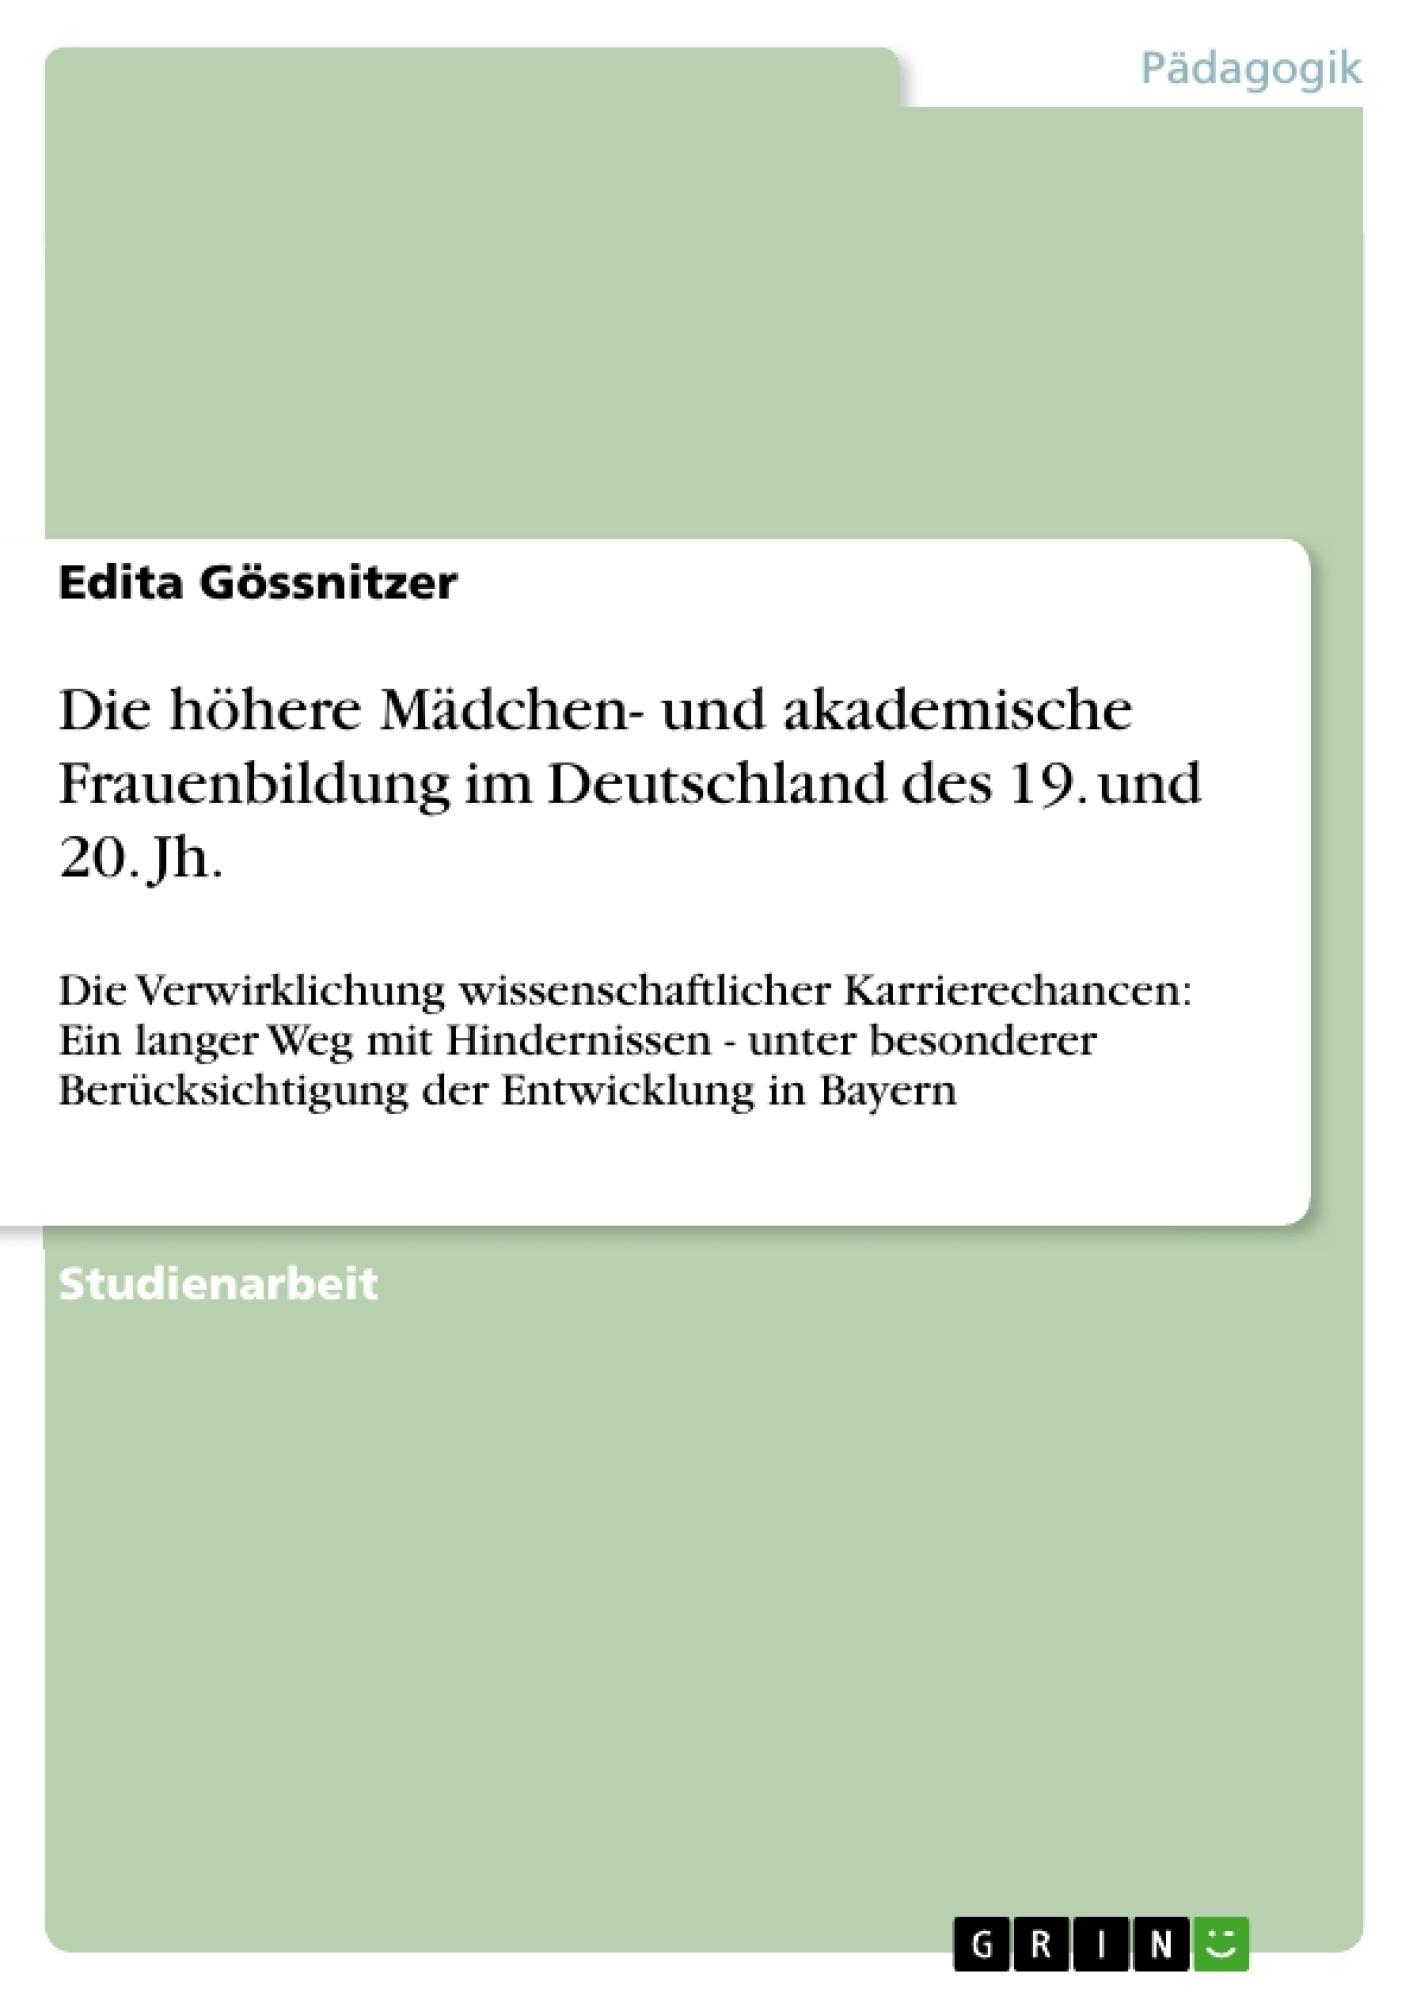 Titel: Die höhere Mädchen- und akademische Frauenbildung im Deutschland des 19. und 20. Jh.